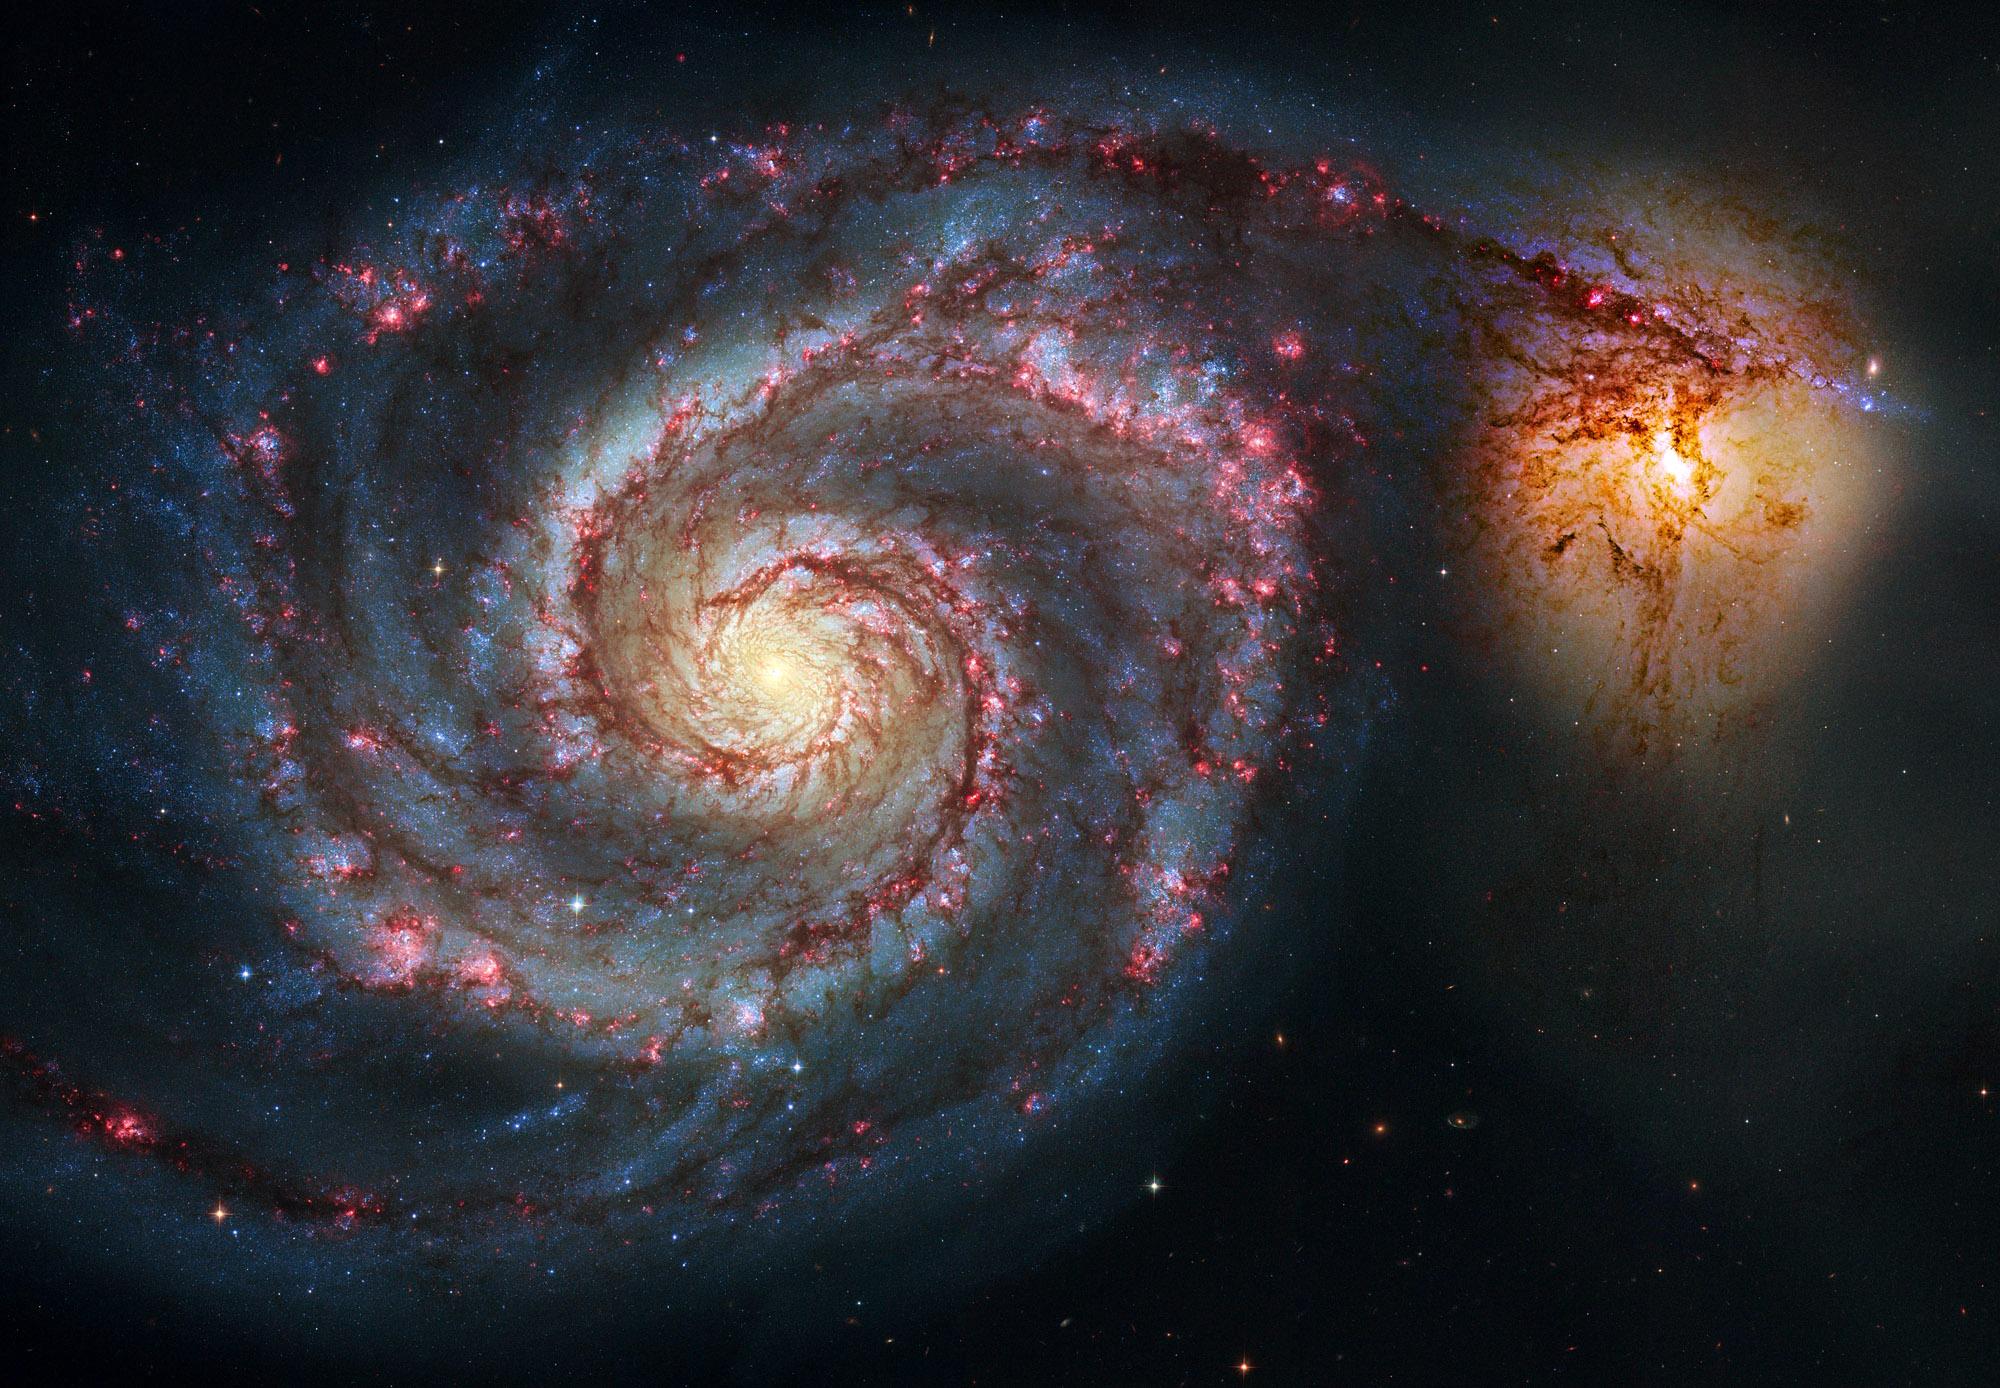 M51_Hubble_Remix